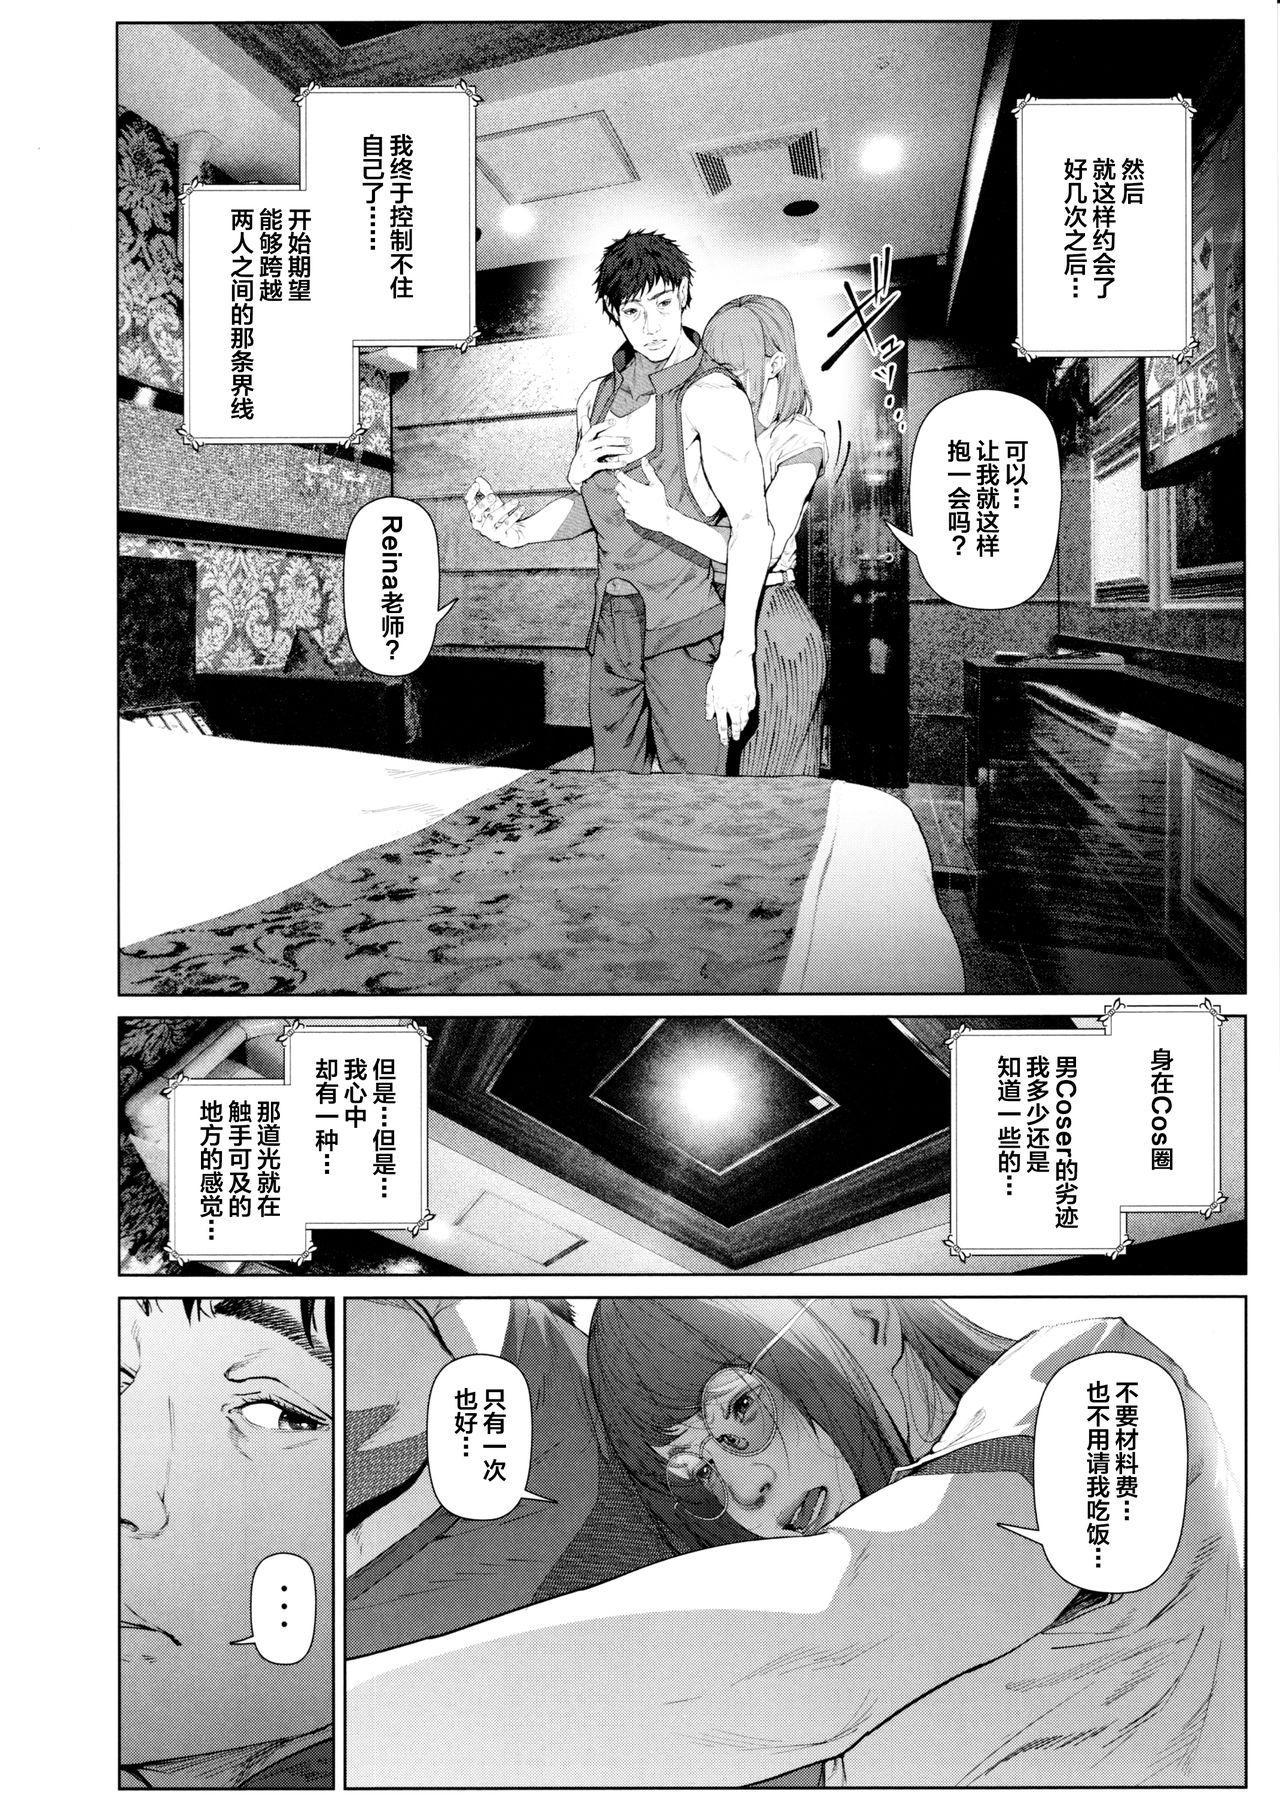 Cos wa Midara na Kamen Ninki Ikemen Layer no SeFri Ken Ishou Seisaku Tantou no Zoukei Layer wa Honmei Kanojo no Yume o Miru ka 12